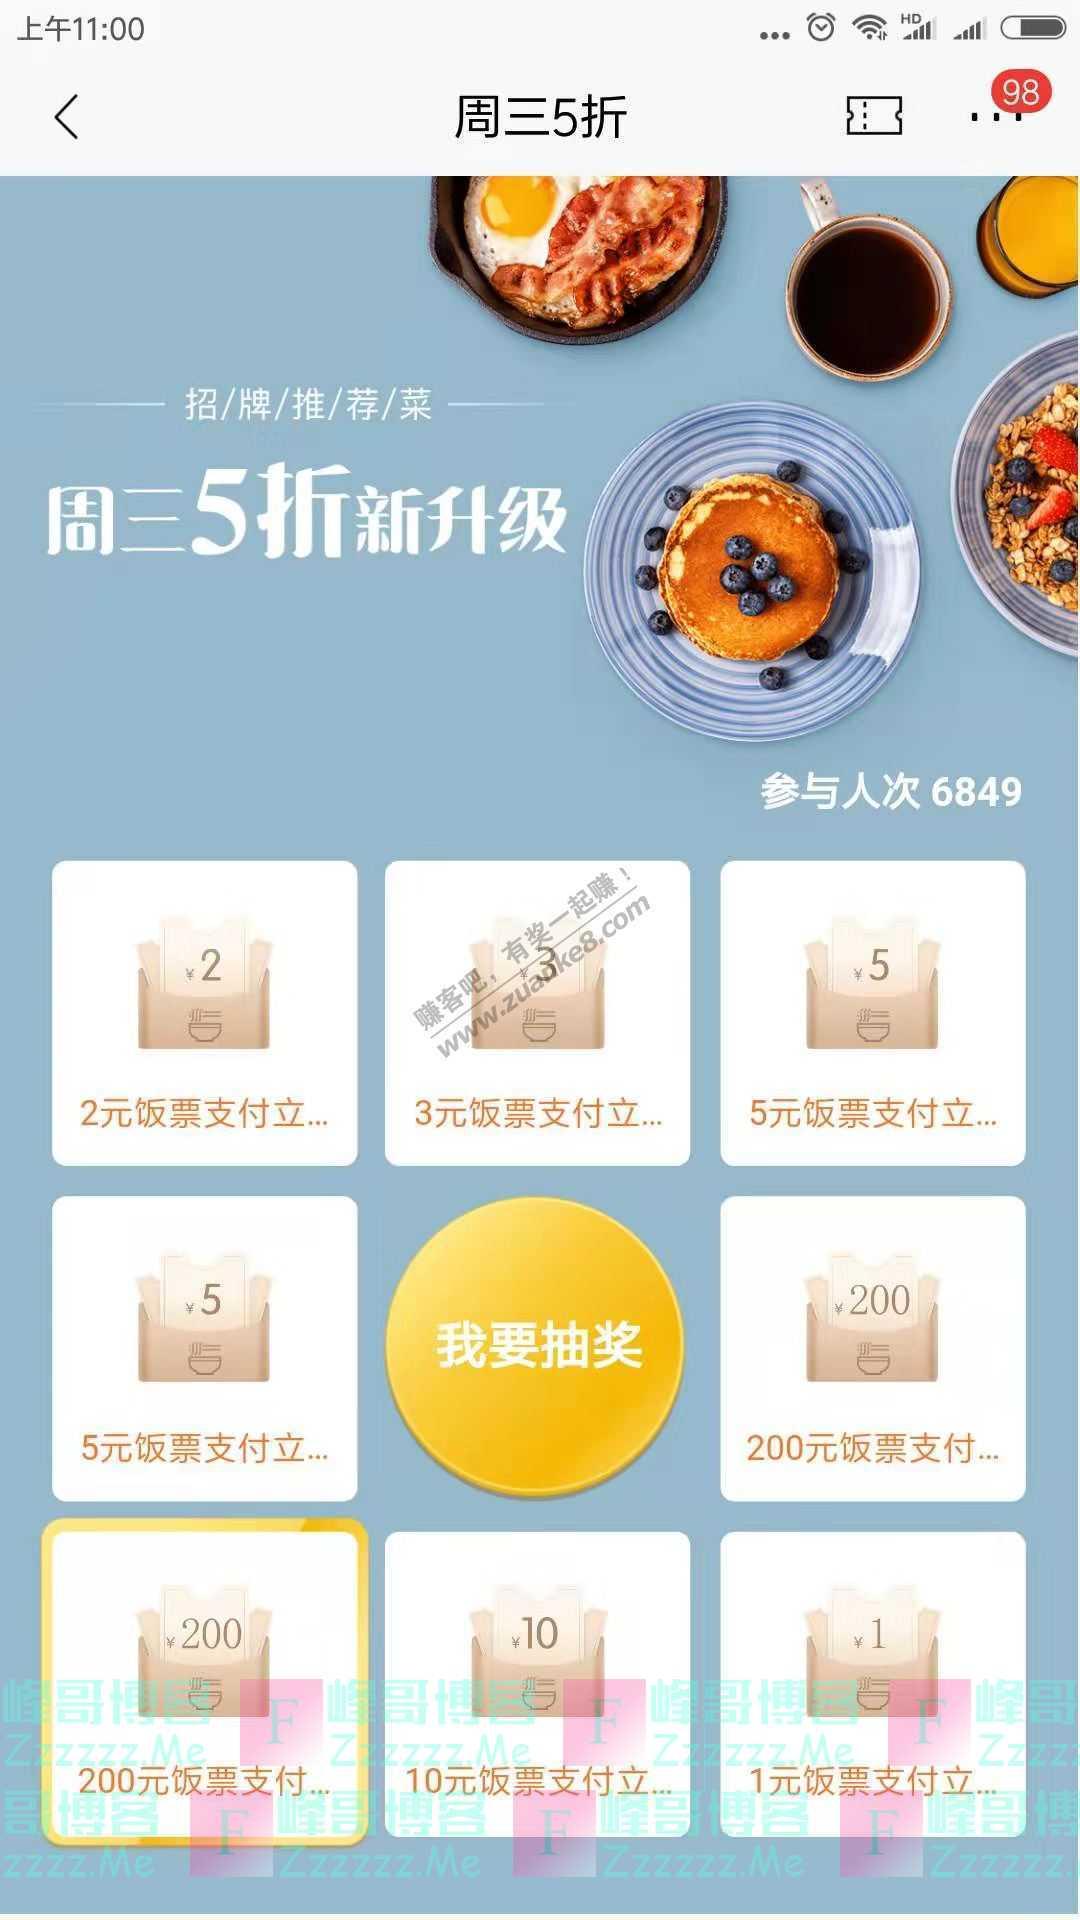 招商银行app周三5折新升级(截止1月27日)